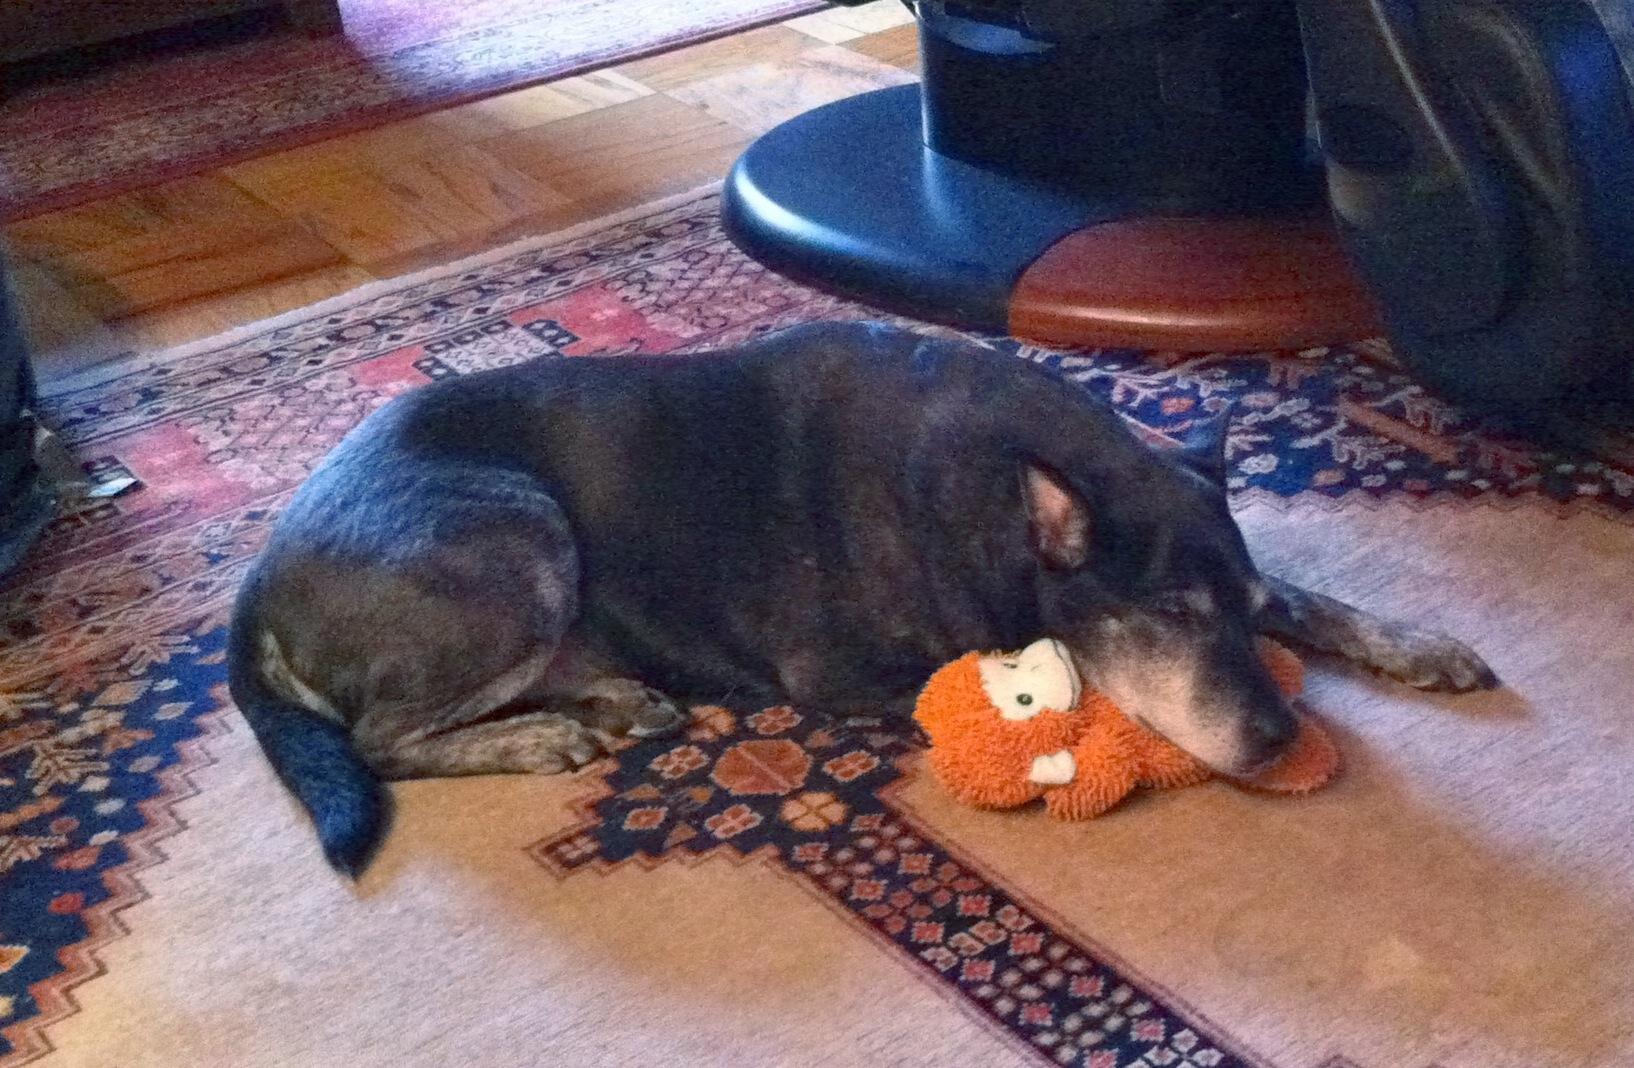 newman sleeps on monkey